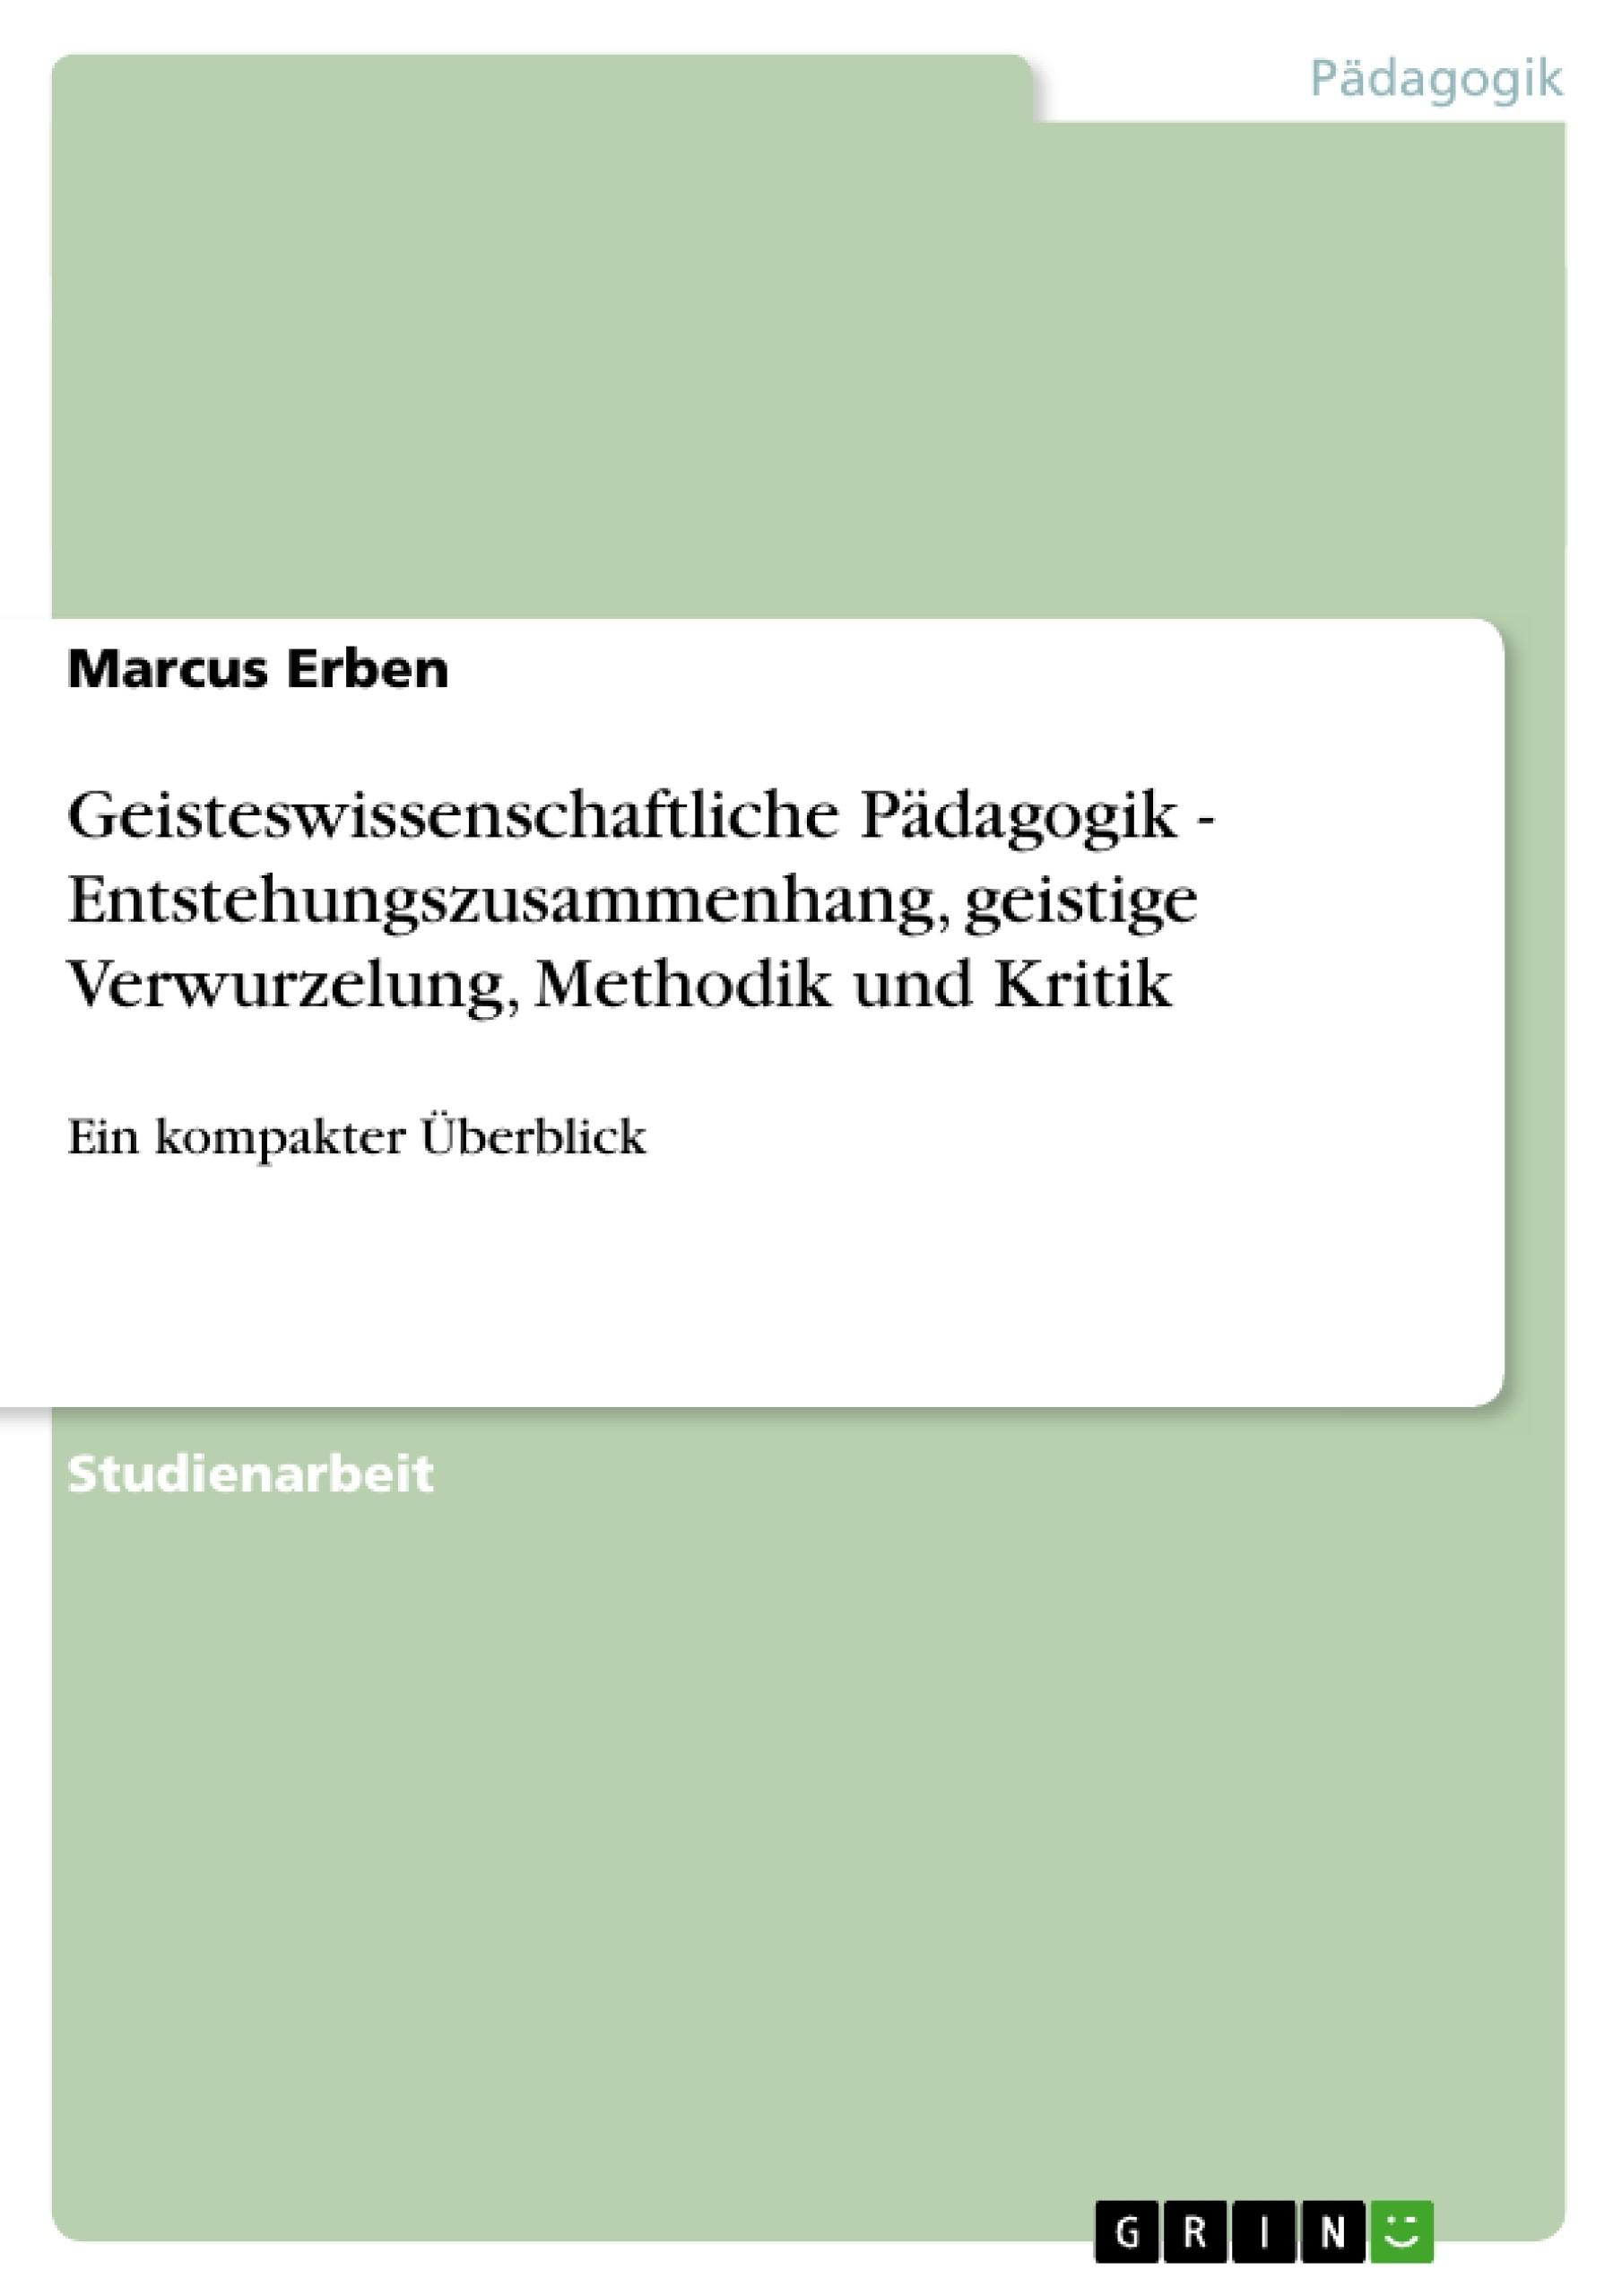 Titel: Geisteswissenschaftliche Pädagogik - Entstehungszusammenhang, geistige Verwurzelung, Methodik und Kritik